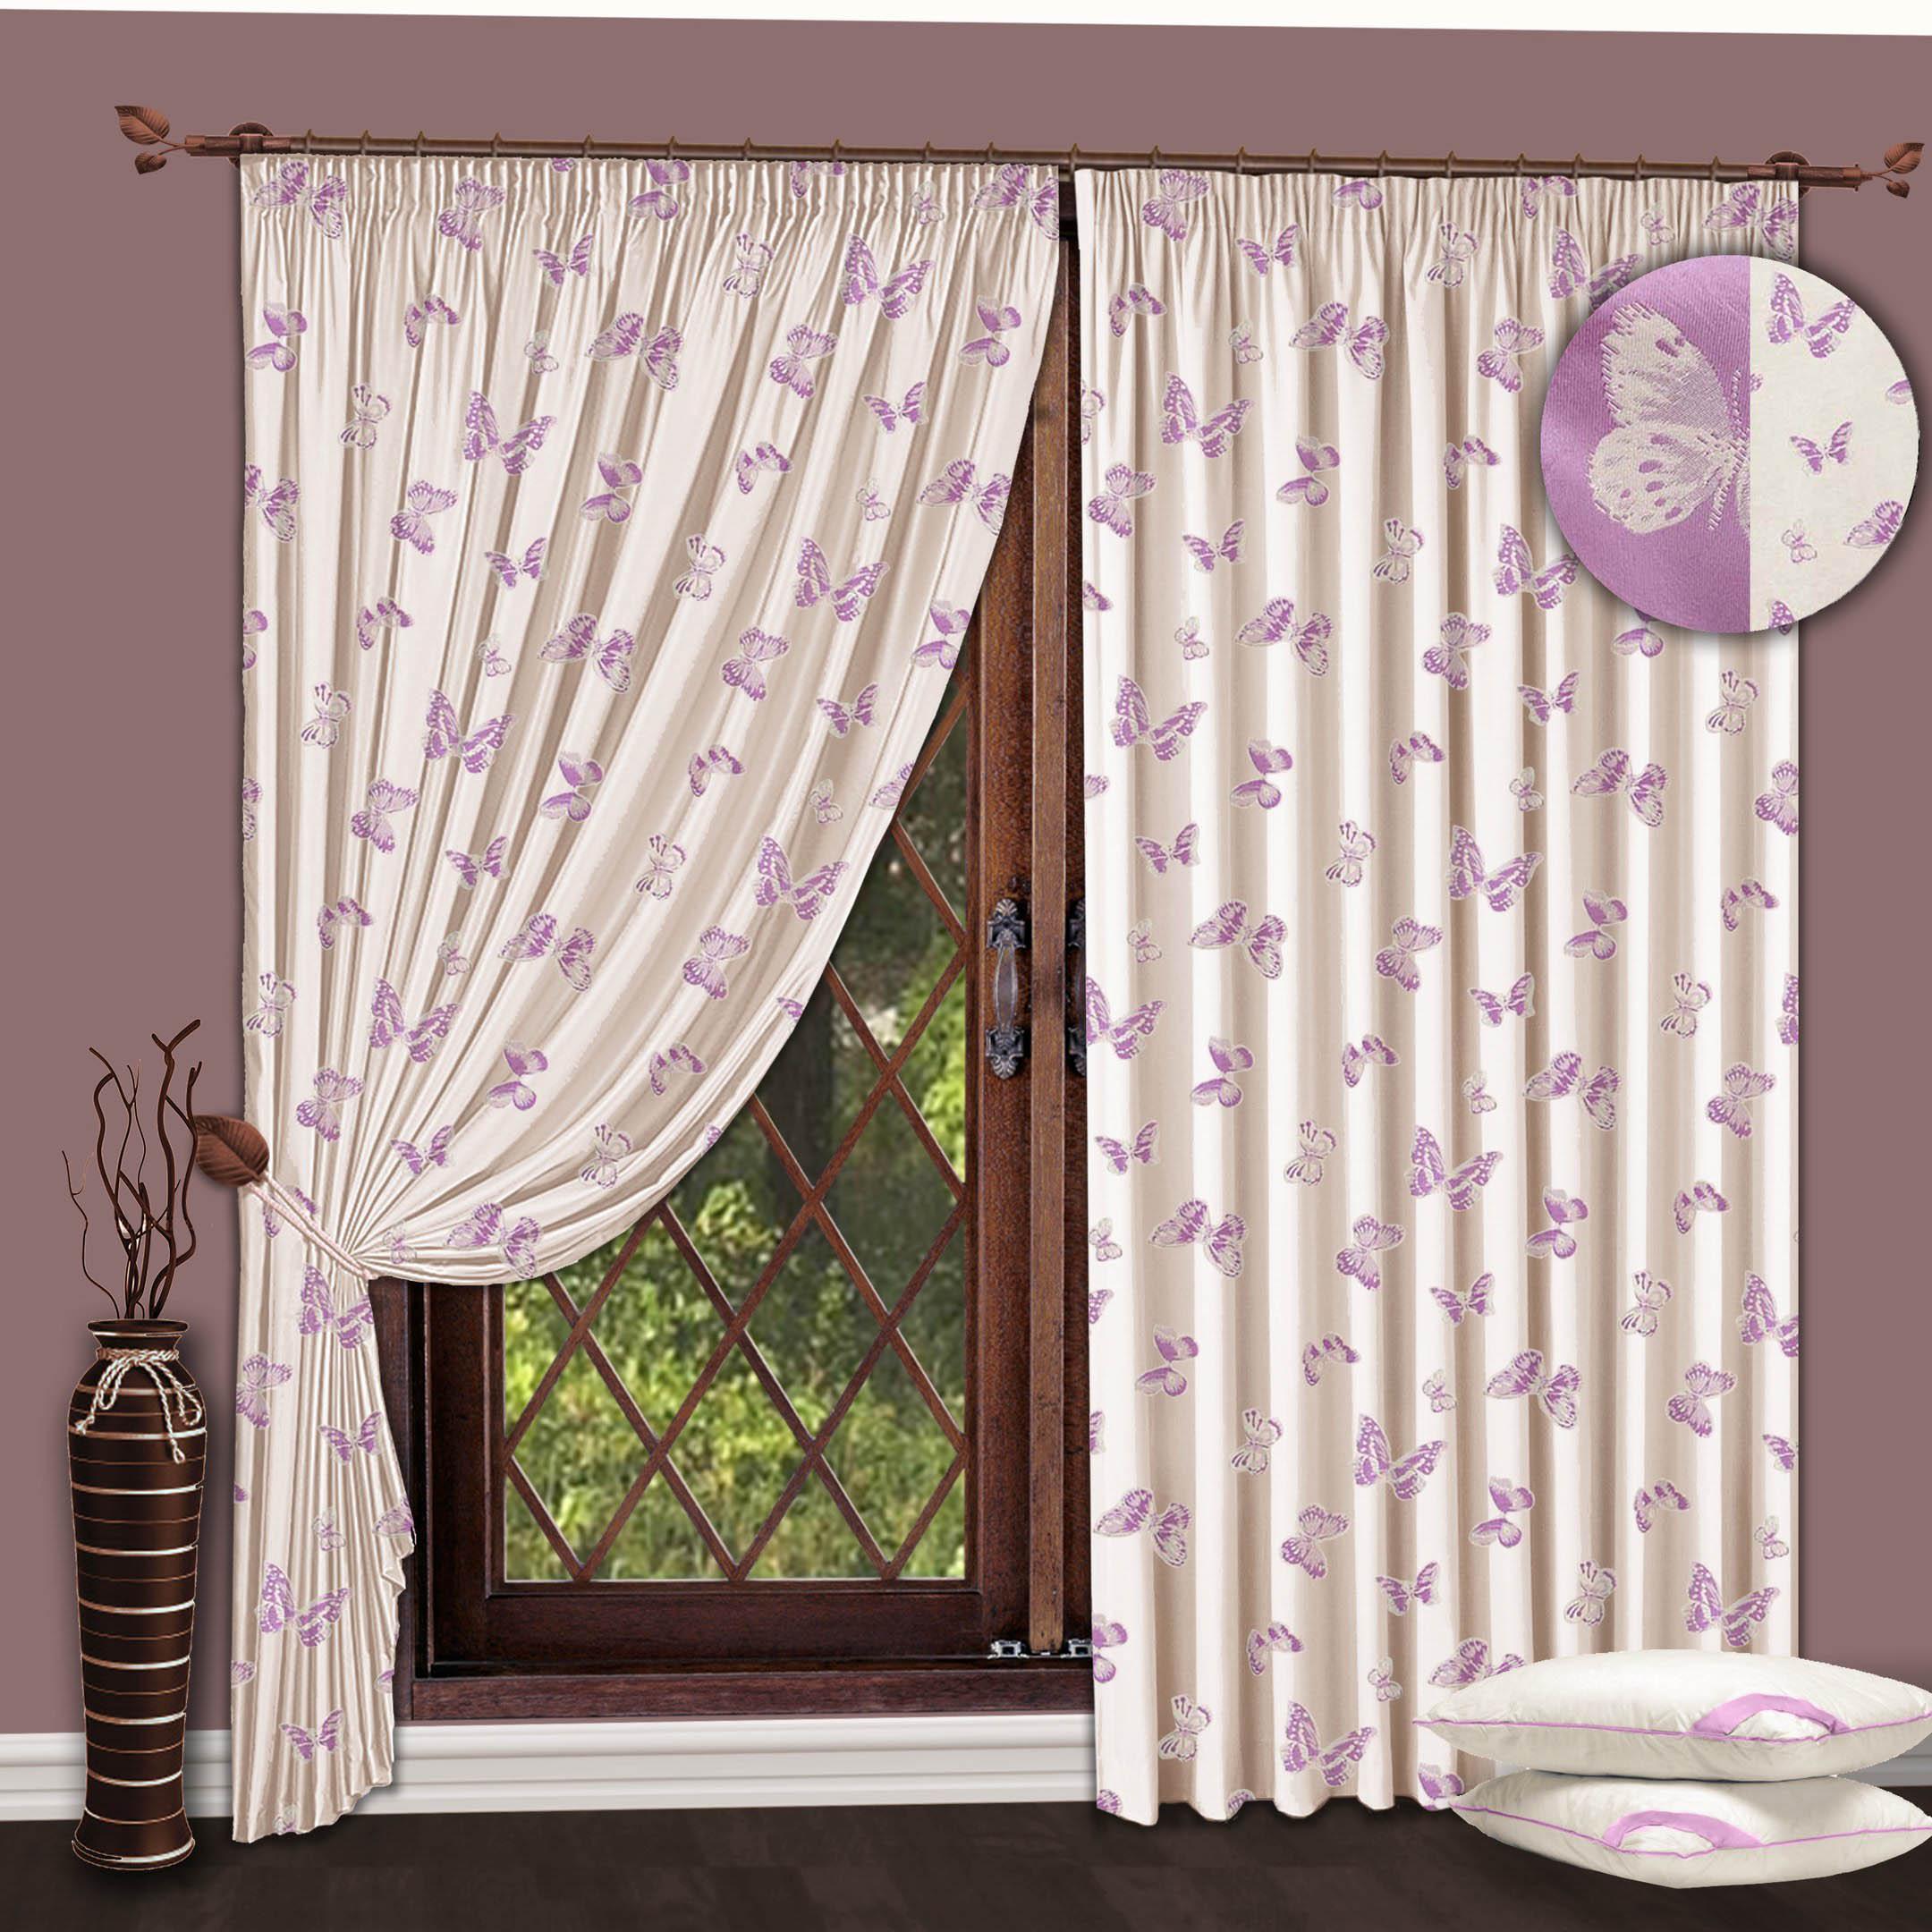 Шторы РеалТекс Классические шторы Бабочки Цвет: Молочный-Сиреневый шторы реалтекс классические шторы alberta цвет персиковый молочный